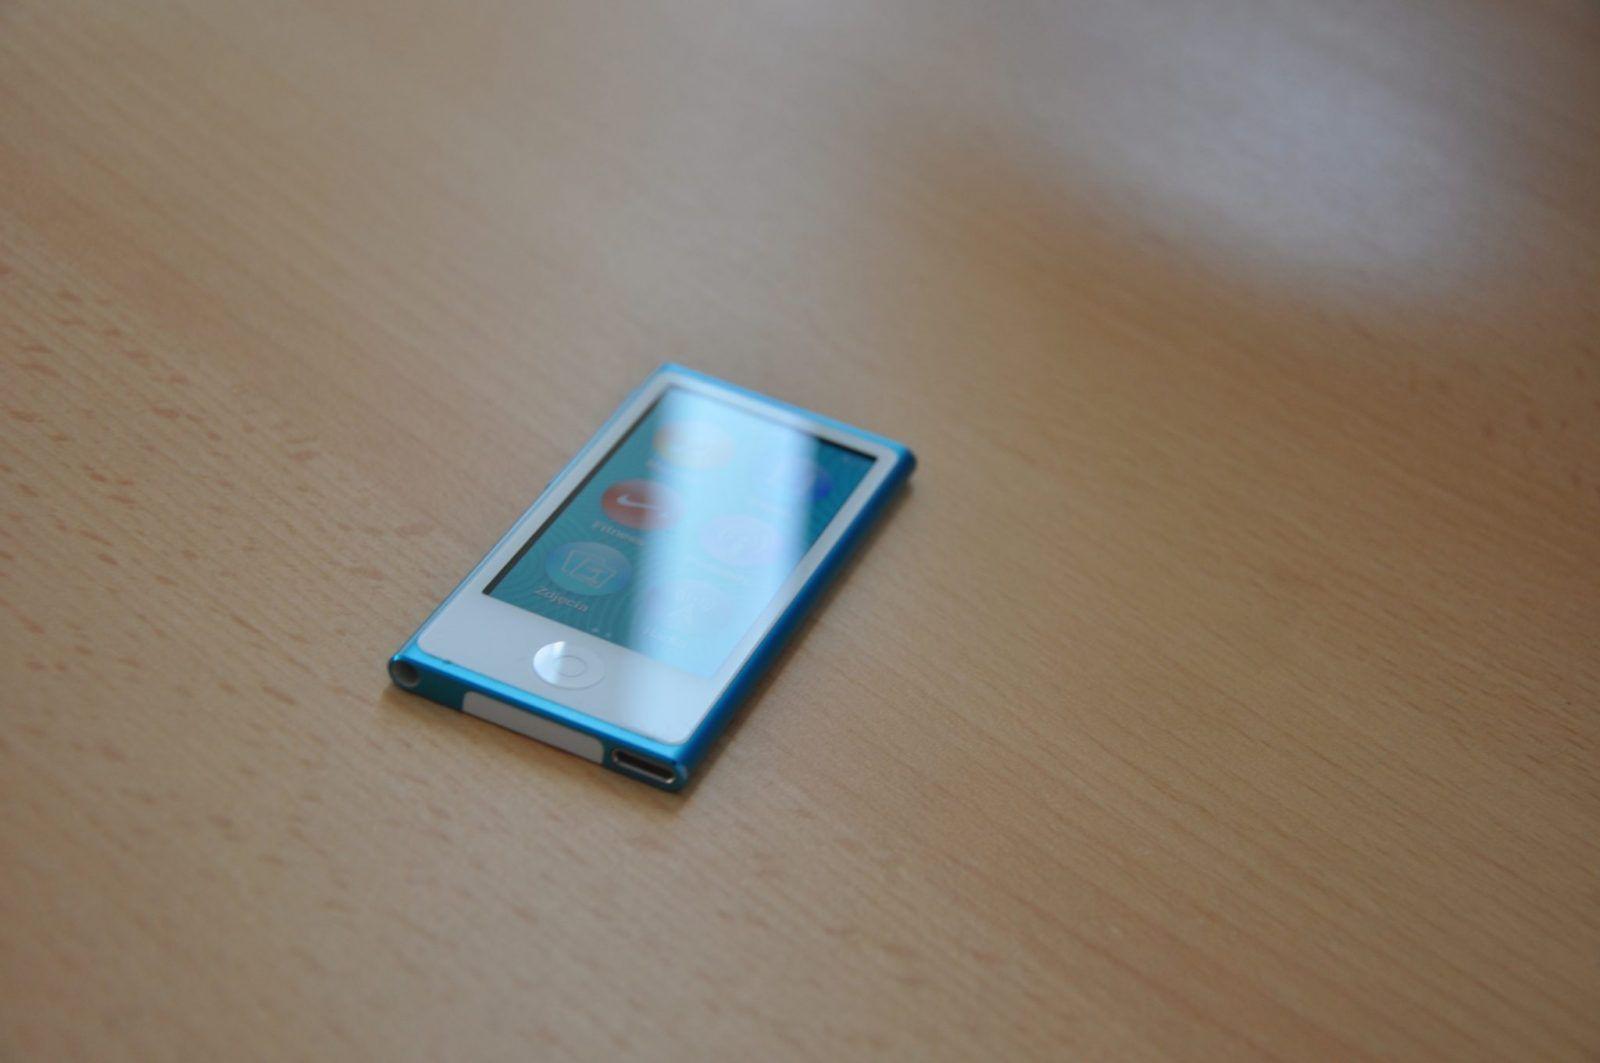 Recenzja Apple iPod Nano 7G – pierwszy iPod Nano z łącznością Bluetooth i klawiszem HOME